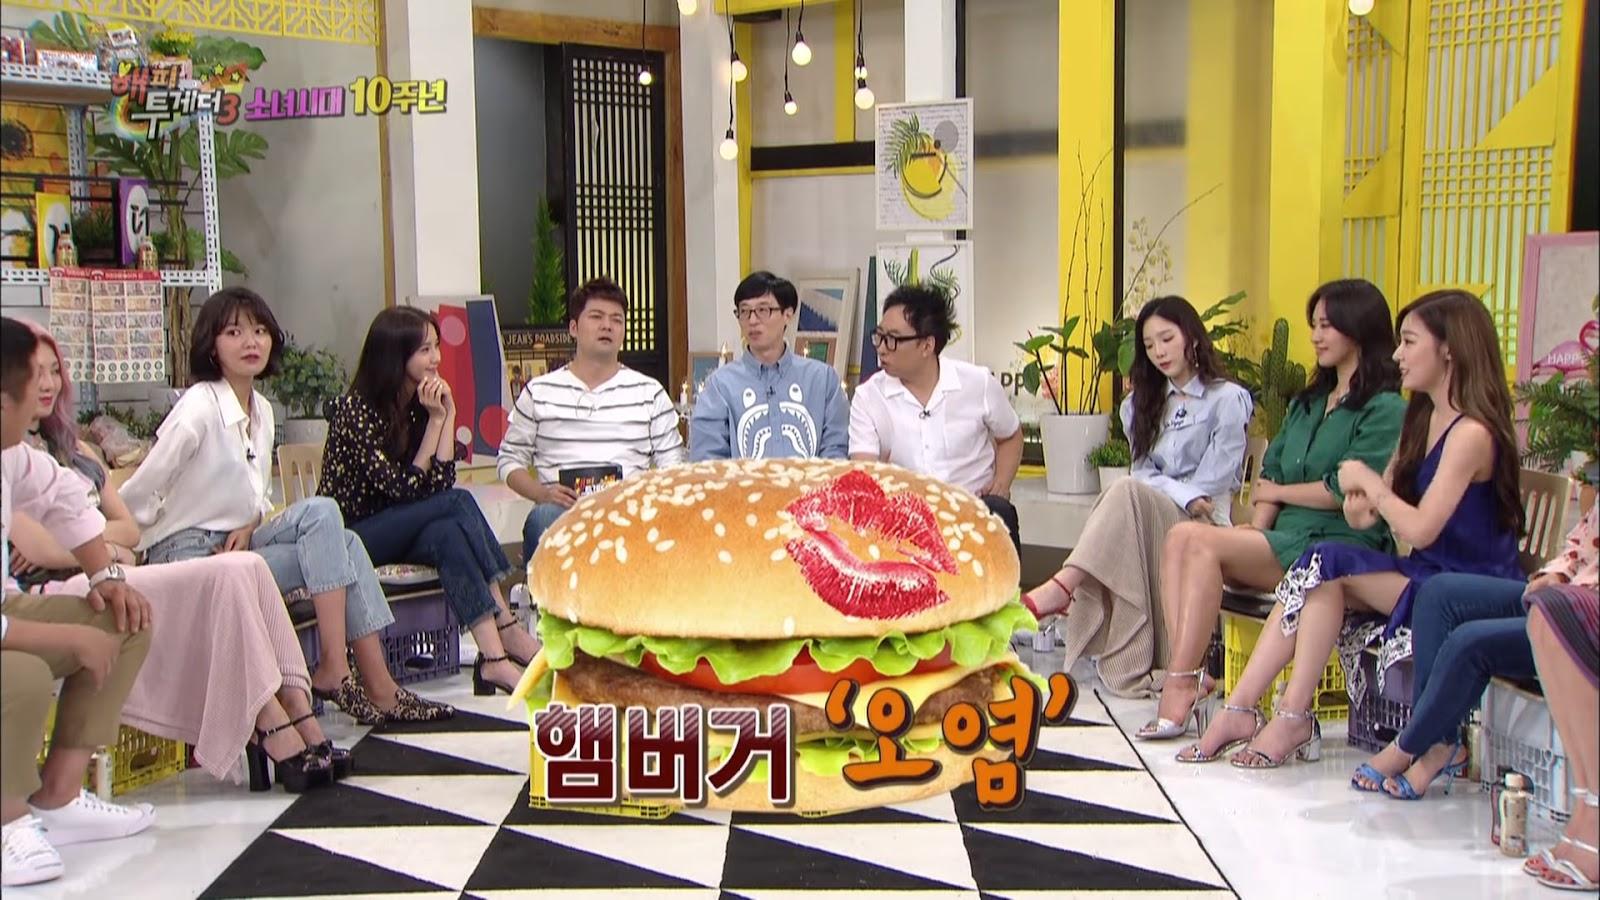 soofanyburger8